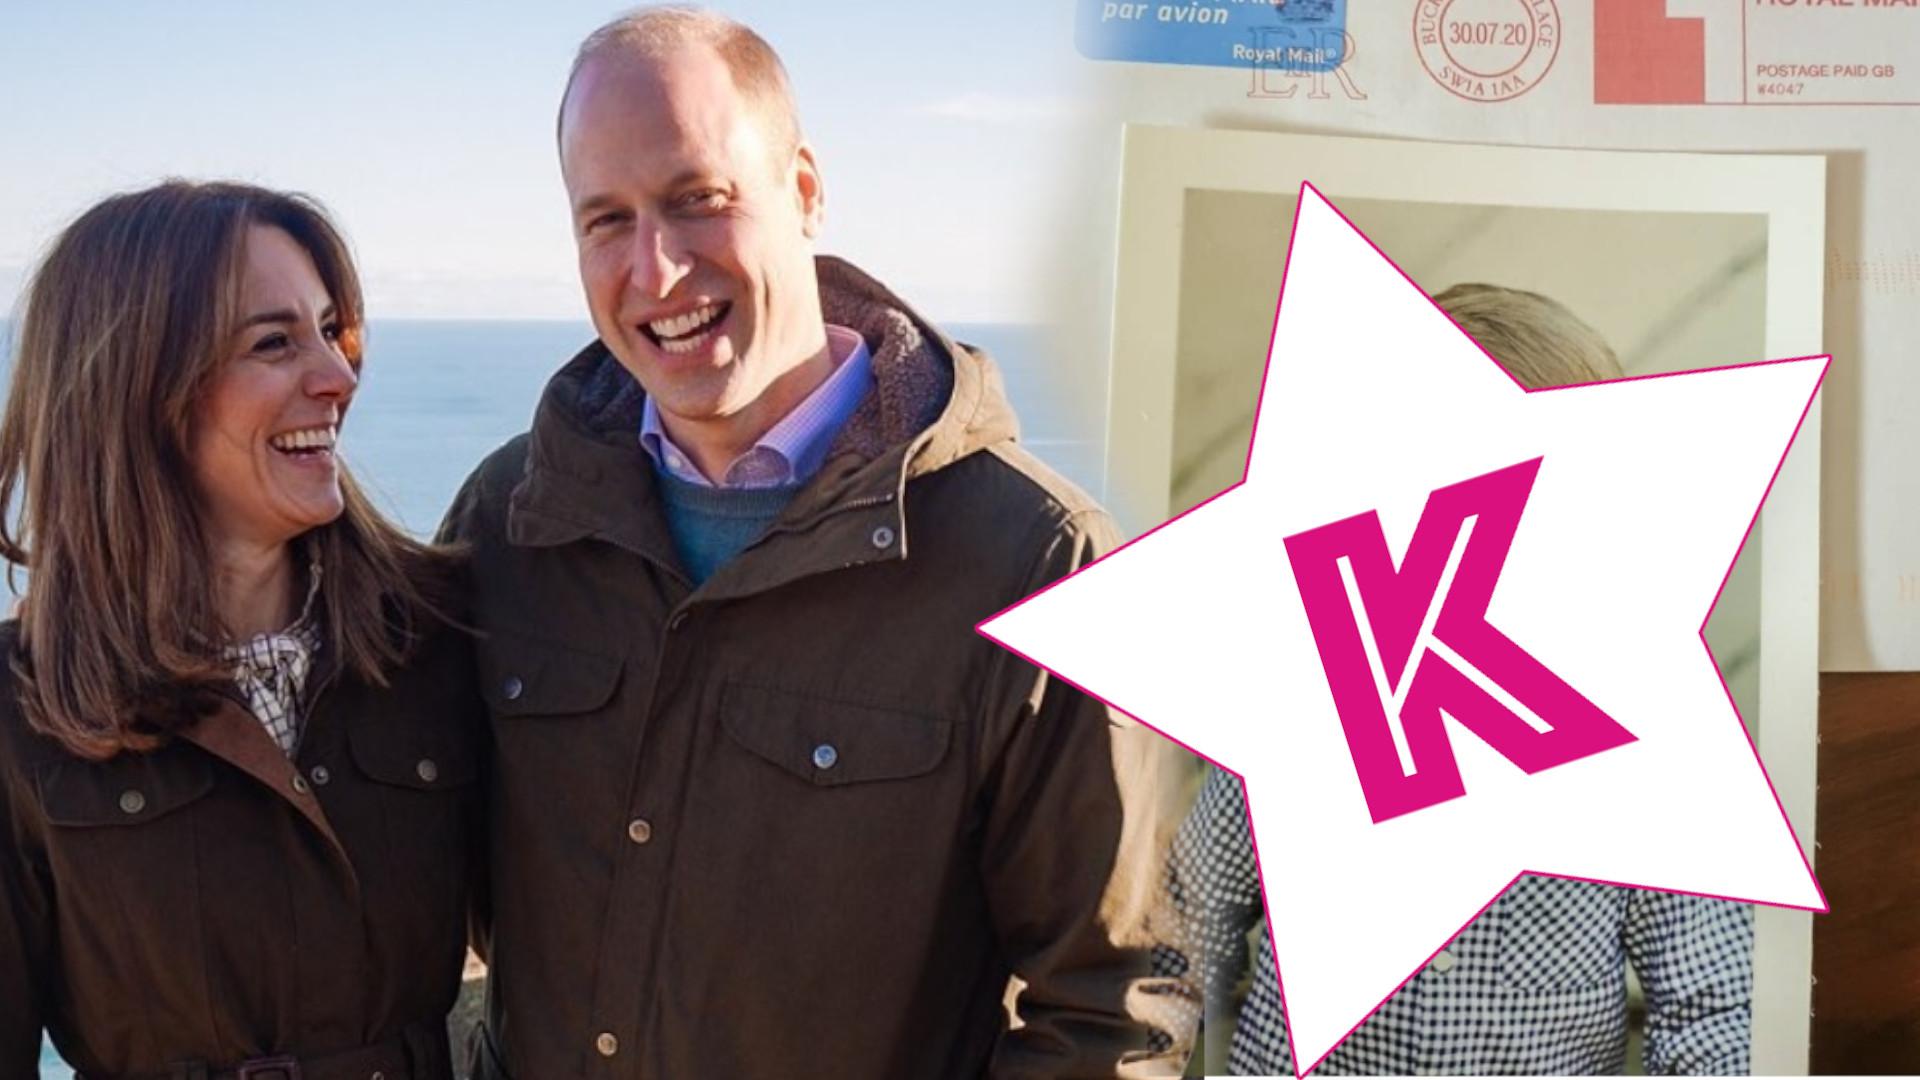 OMG! Kate i William wysłali fance niepublikowane dotąd zdjęcie księcia Louisa